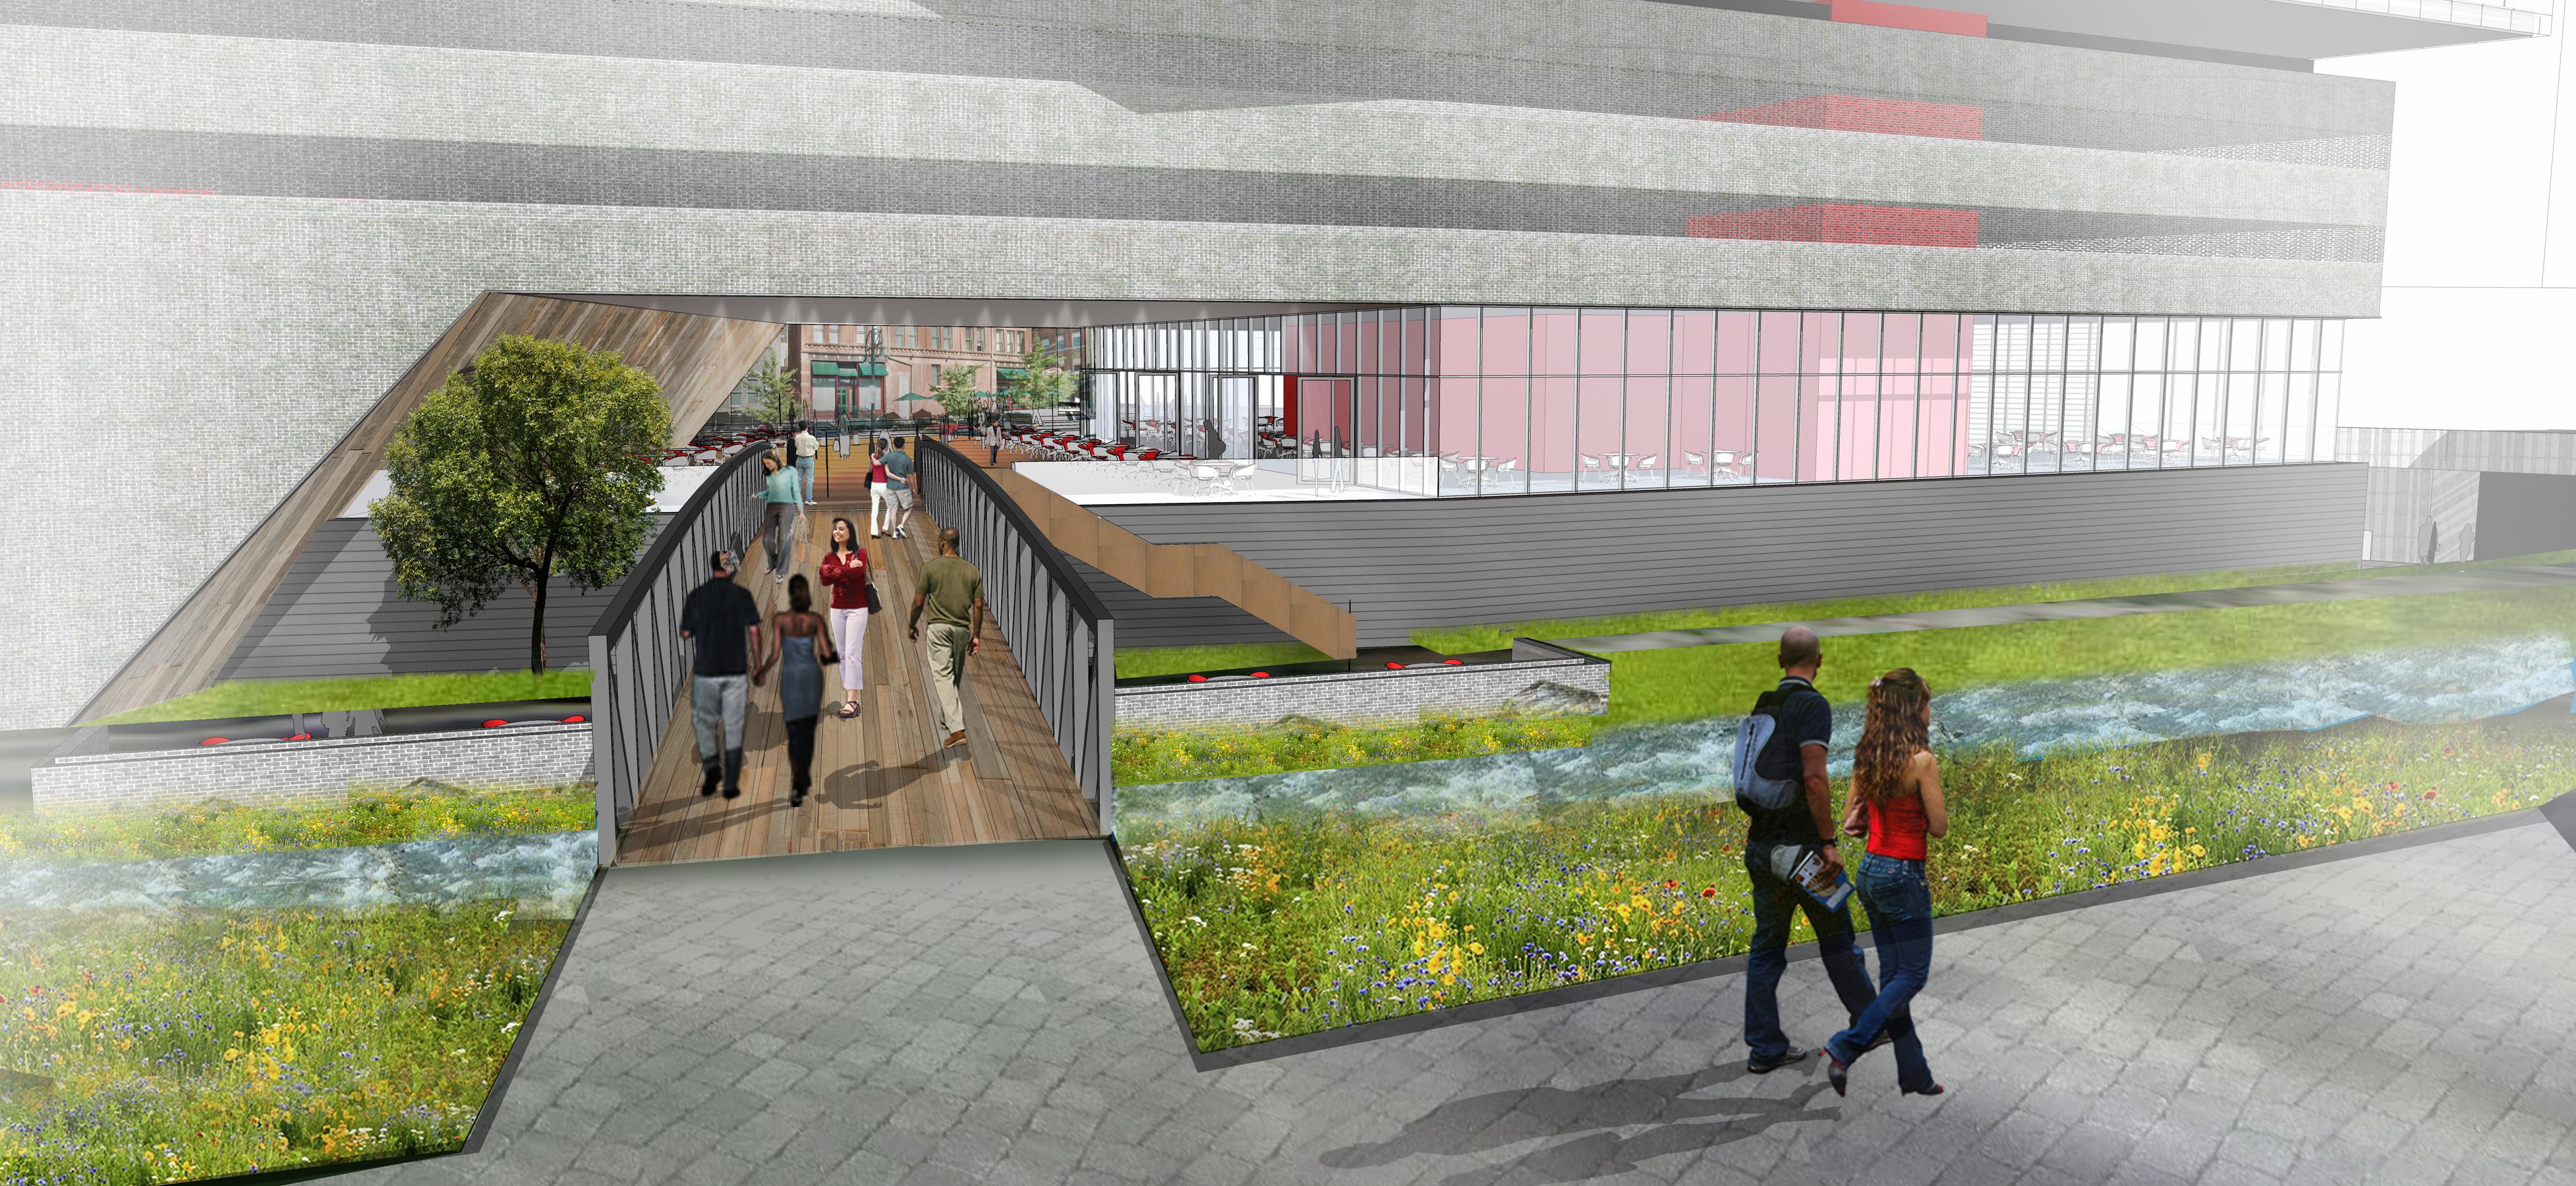 7 14th and Larimer pedestrian bridge crossing open studio architecture